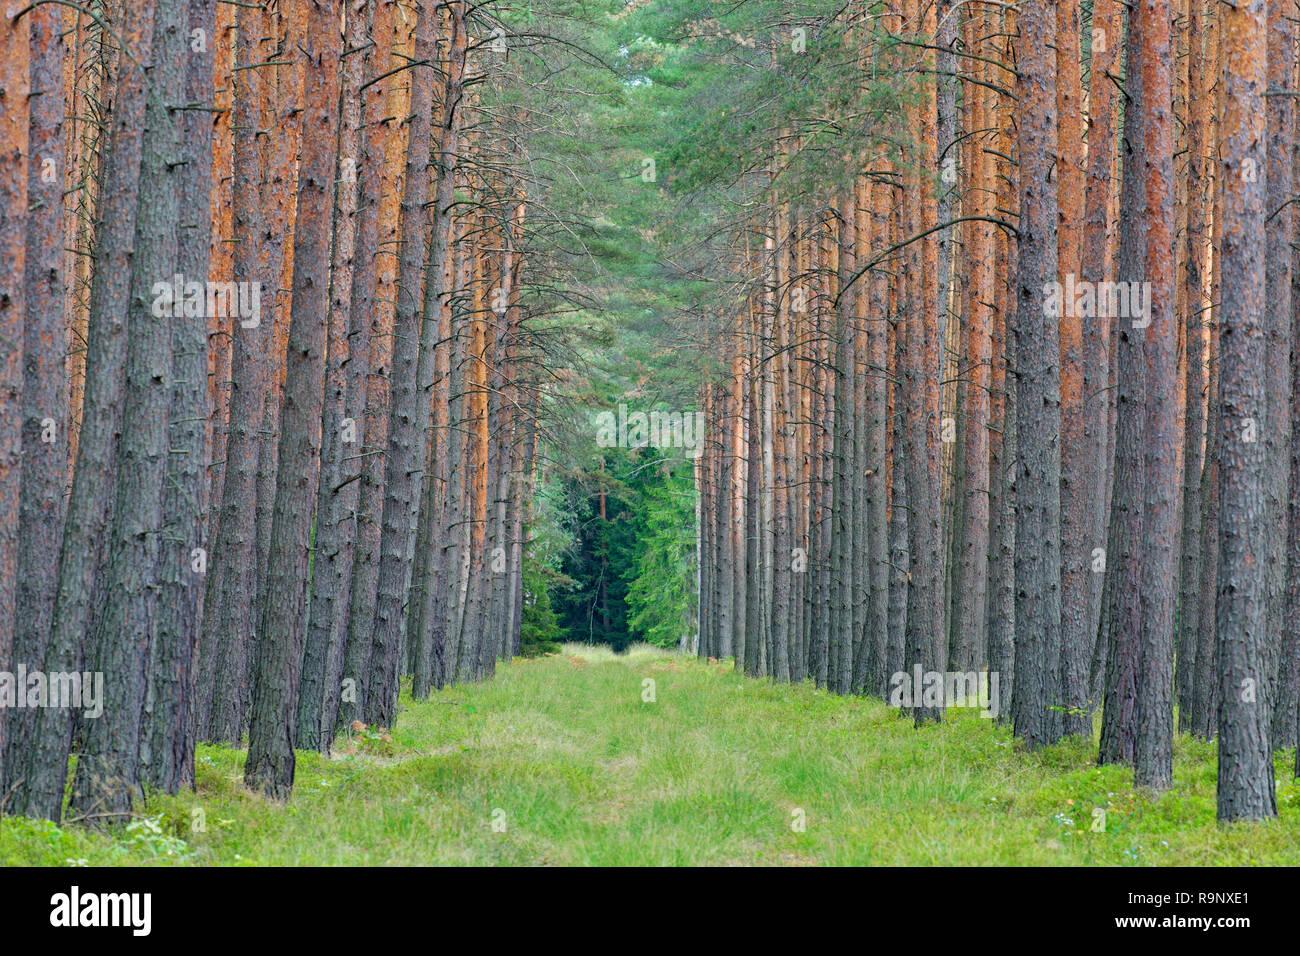 Le pin sylvestre (Pinus sylvestris) les troncs d'arbres et coupe-feu / fireroad / fire line / pause carburant, la prévention incendie dans les forêts de conifères Photo Stock